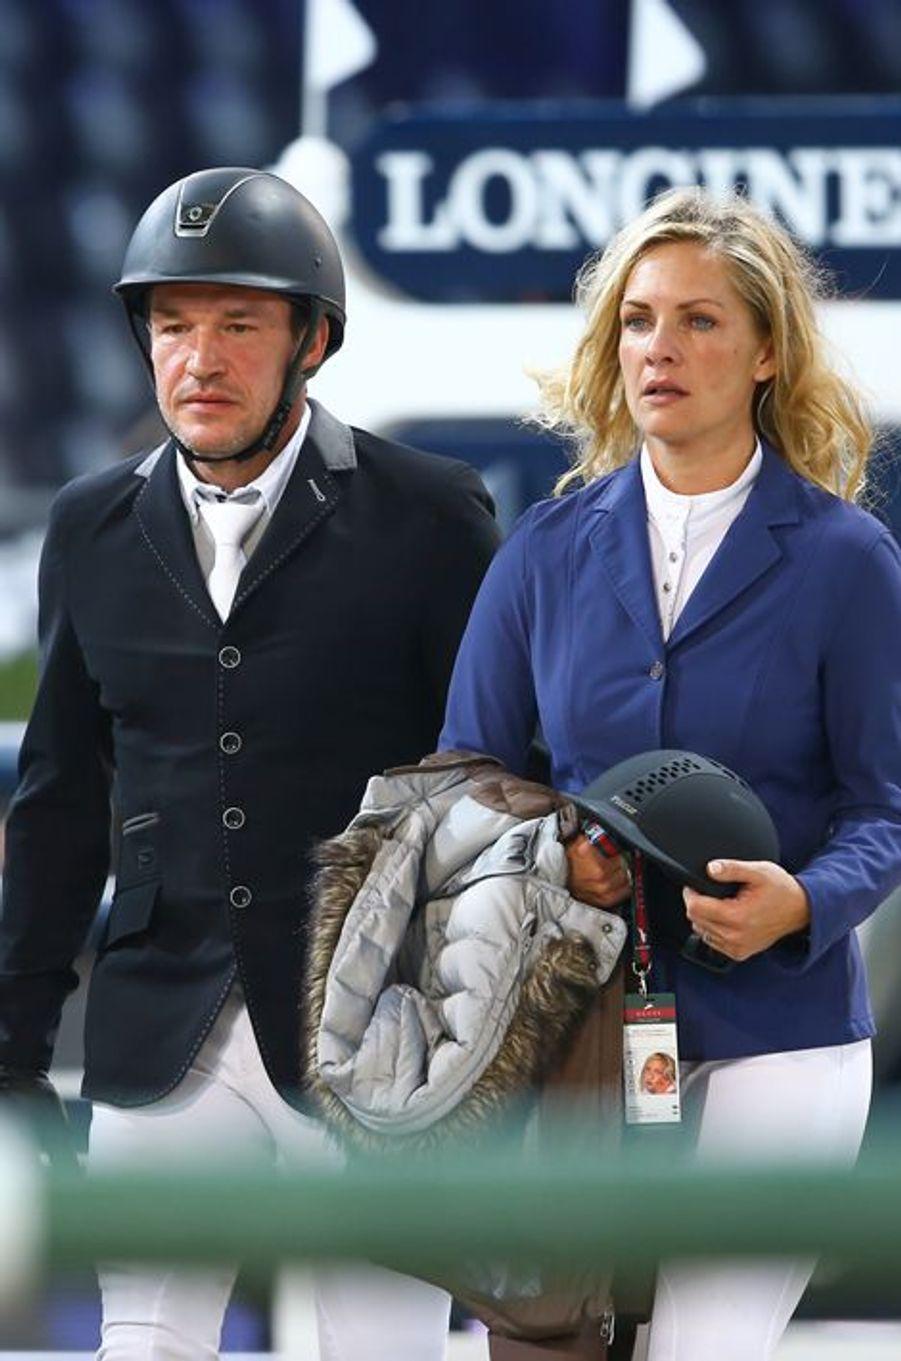 Benjamin Castaldi et son épouse Vanessa Broussouloux au Gucci Paris Masters 2014 qui se tient à Paris du 4 au 7 décembre